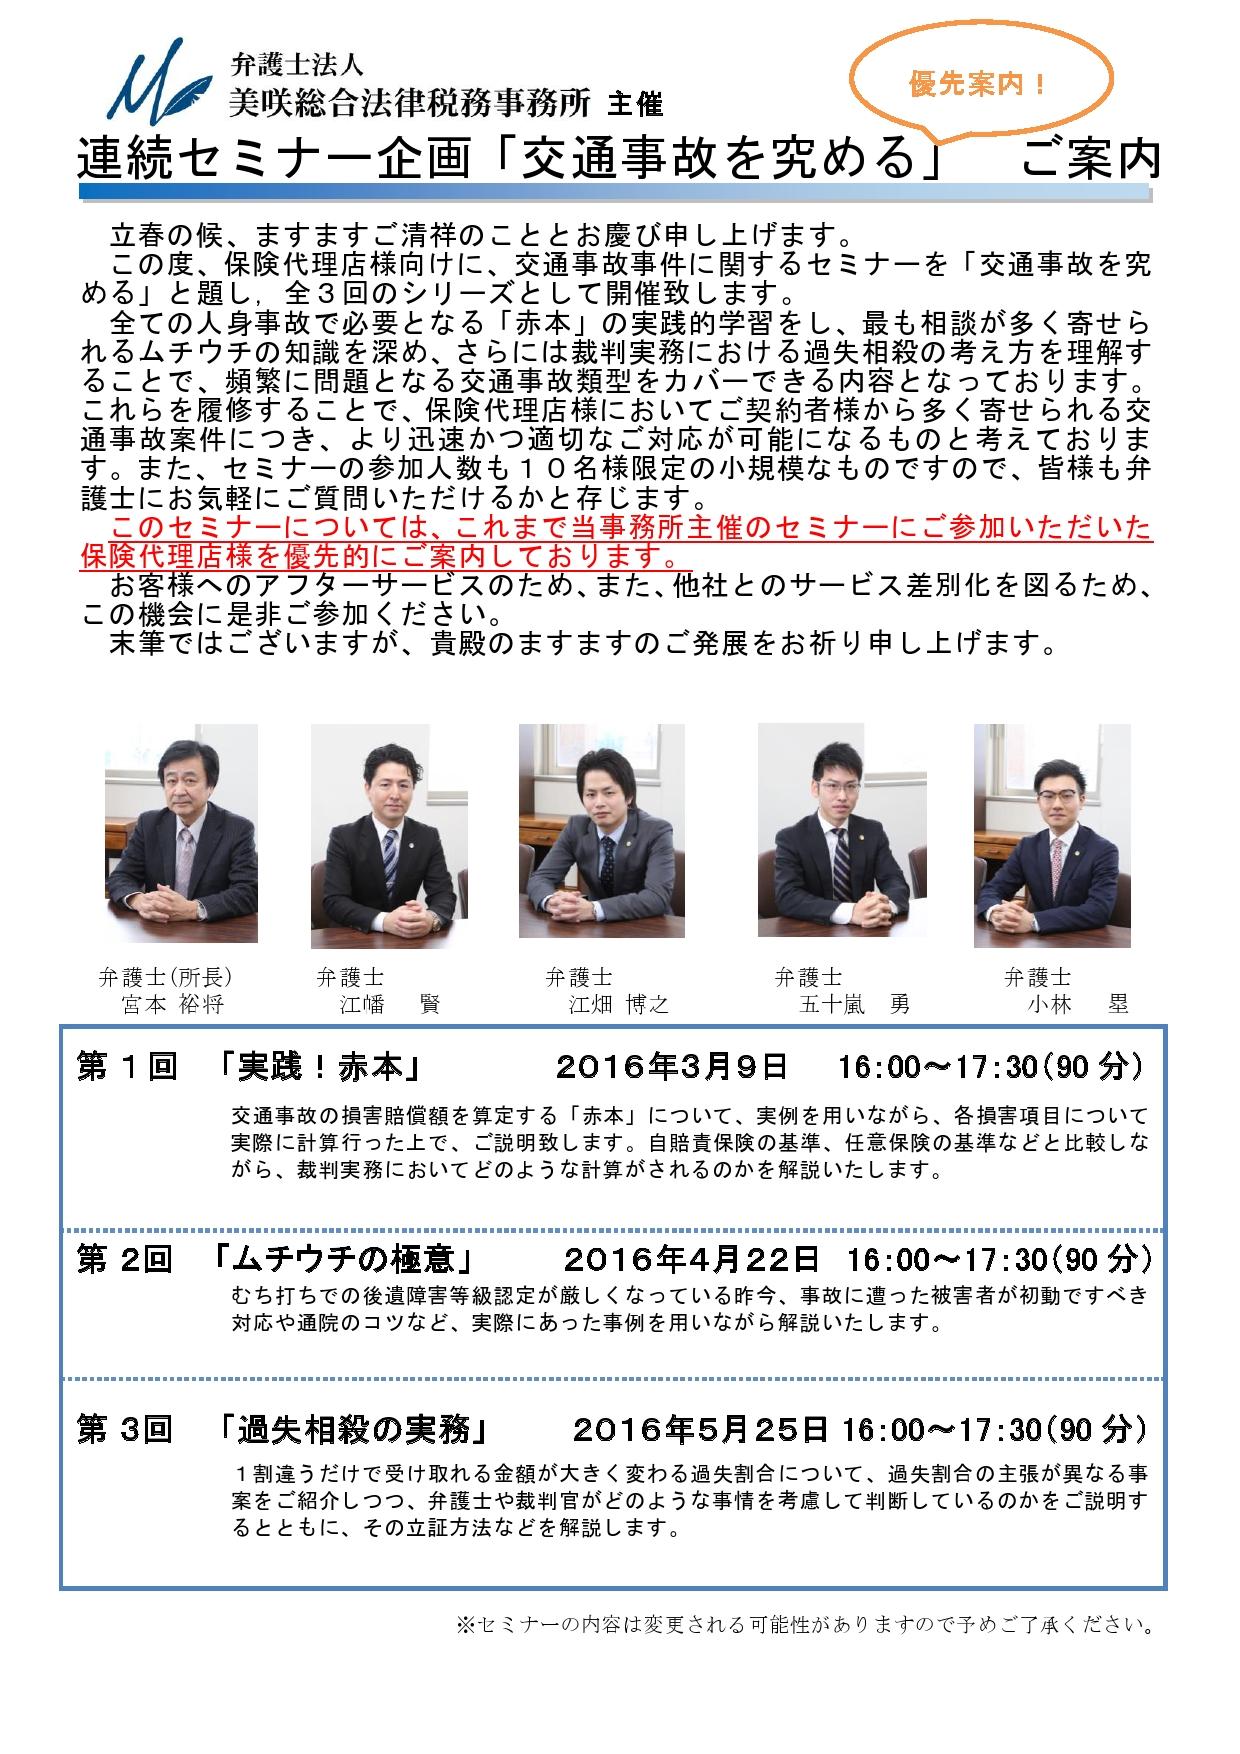 代理店向け交通事故分野勉強会案内-page0001.jpg